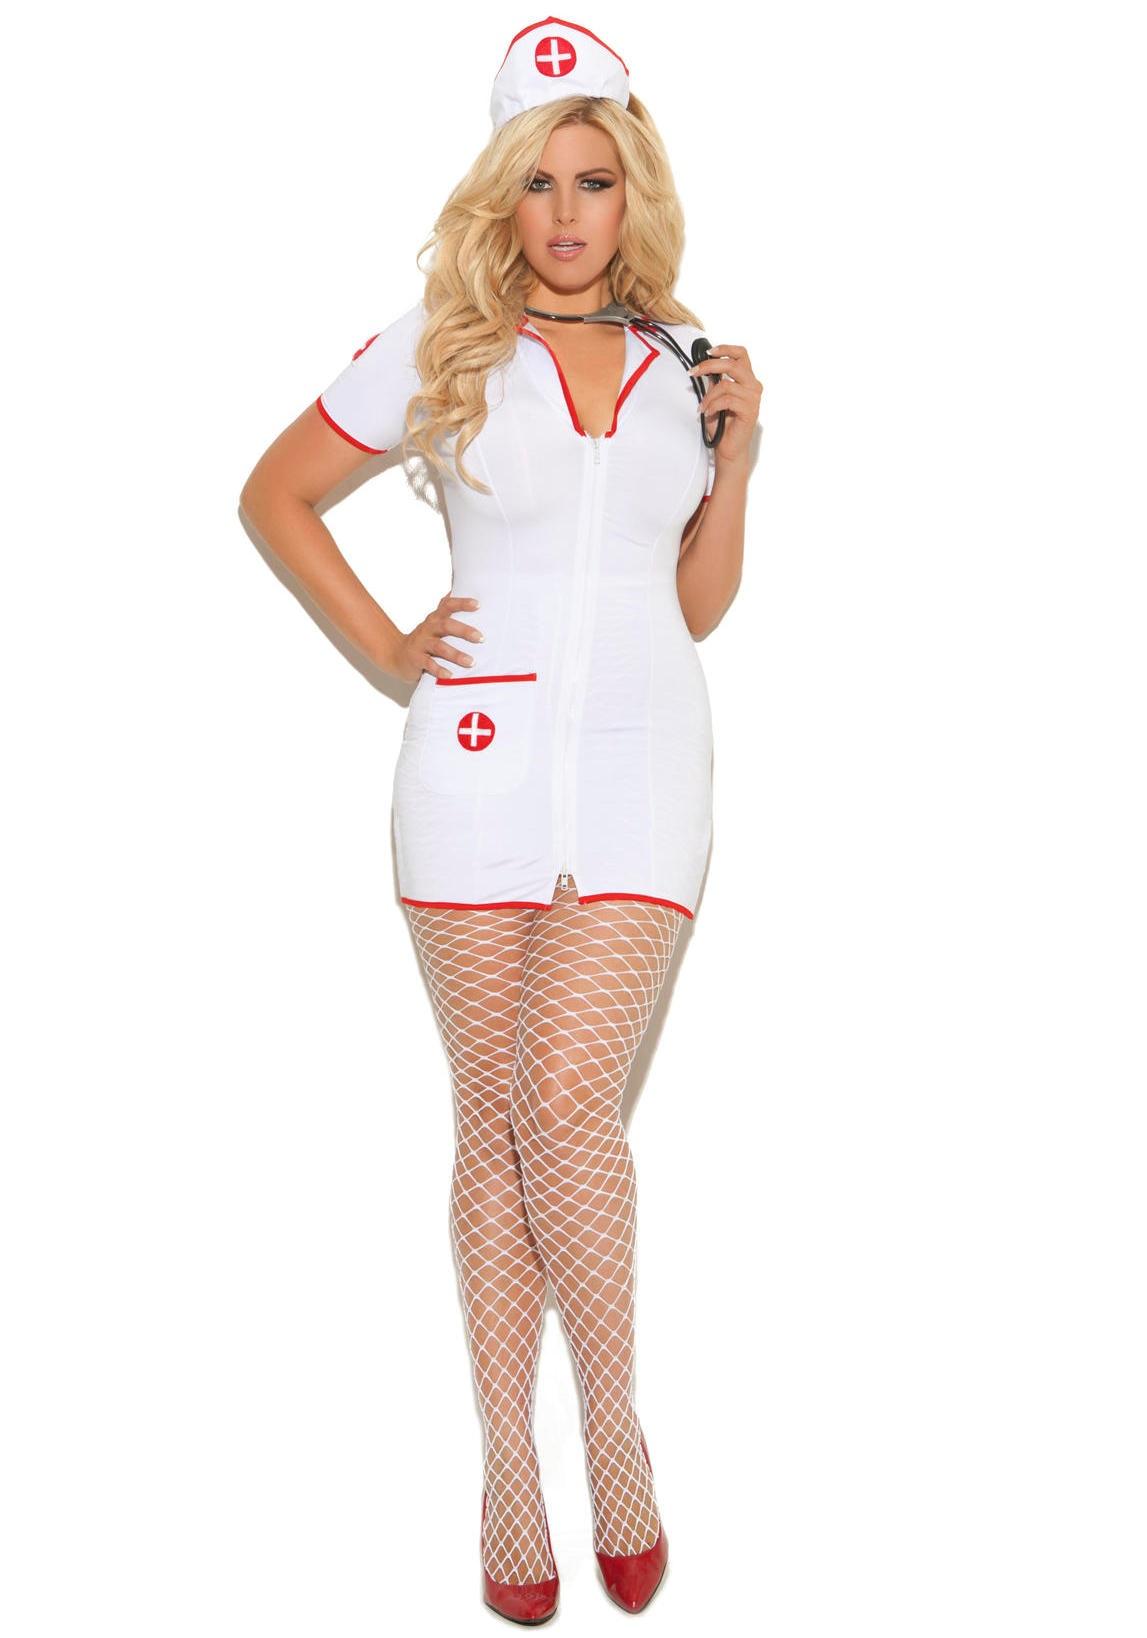 Plus Size Lingerie 1X 2X 3X 4X Naughty Head Nurse Dress SEXY ...